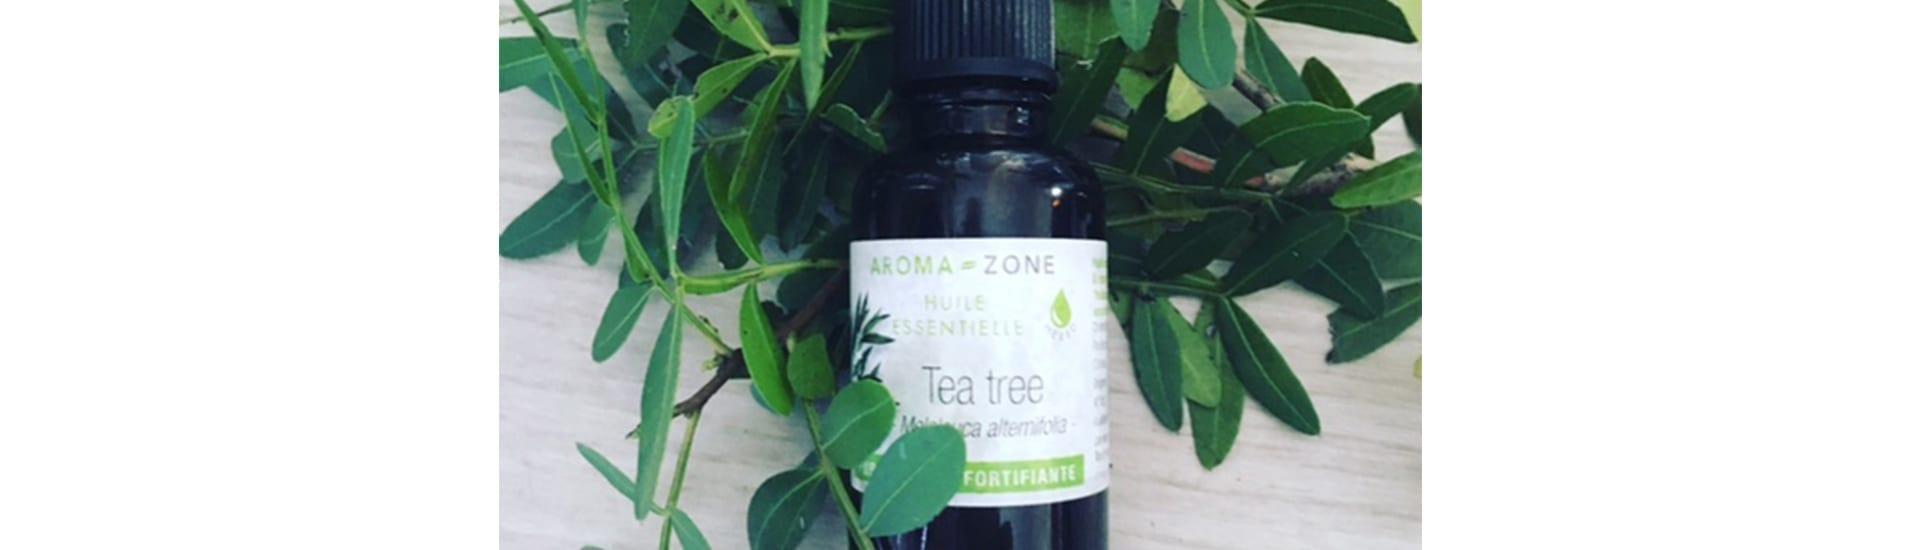 Huile Essentielle de Tea Tree/Arbre à Thé